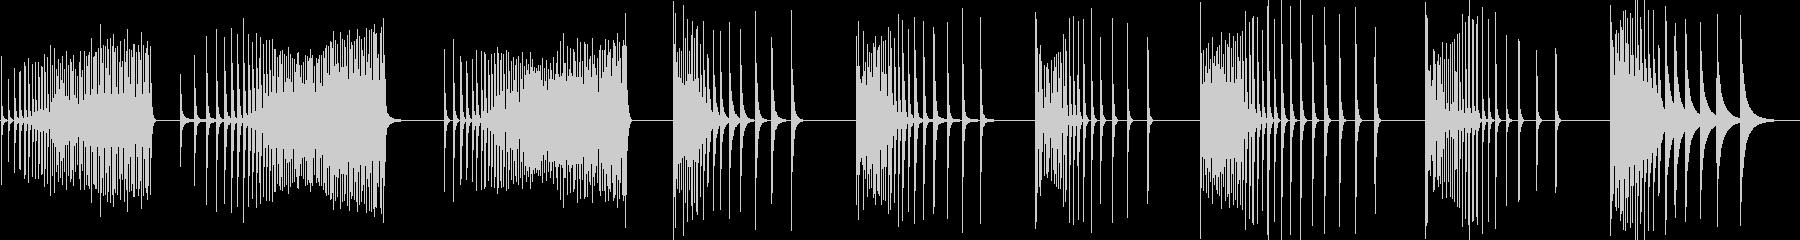 カウベル、ロール、9バージョン; ...の未再生の波形